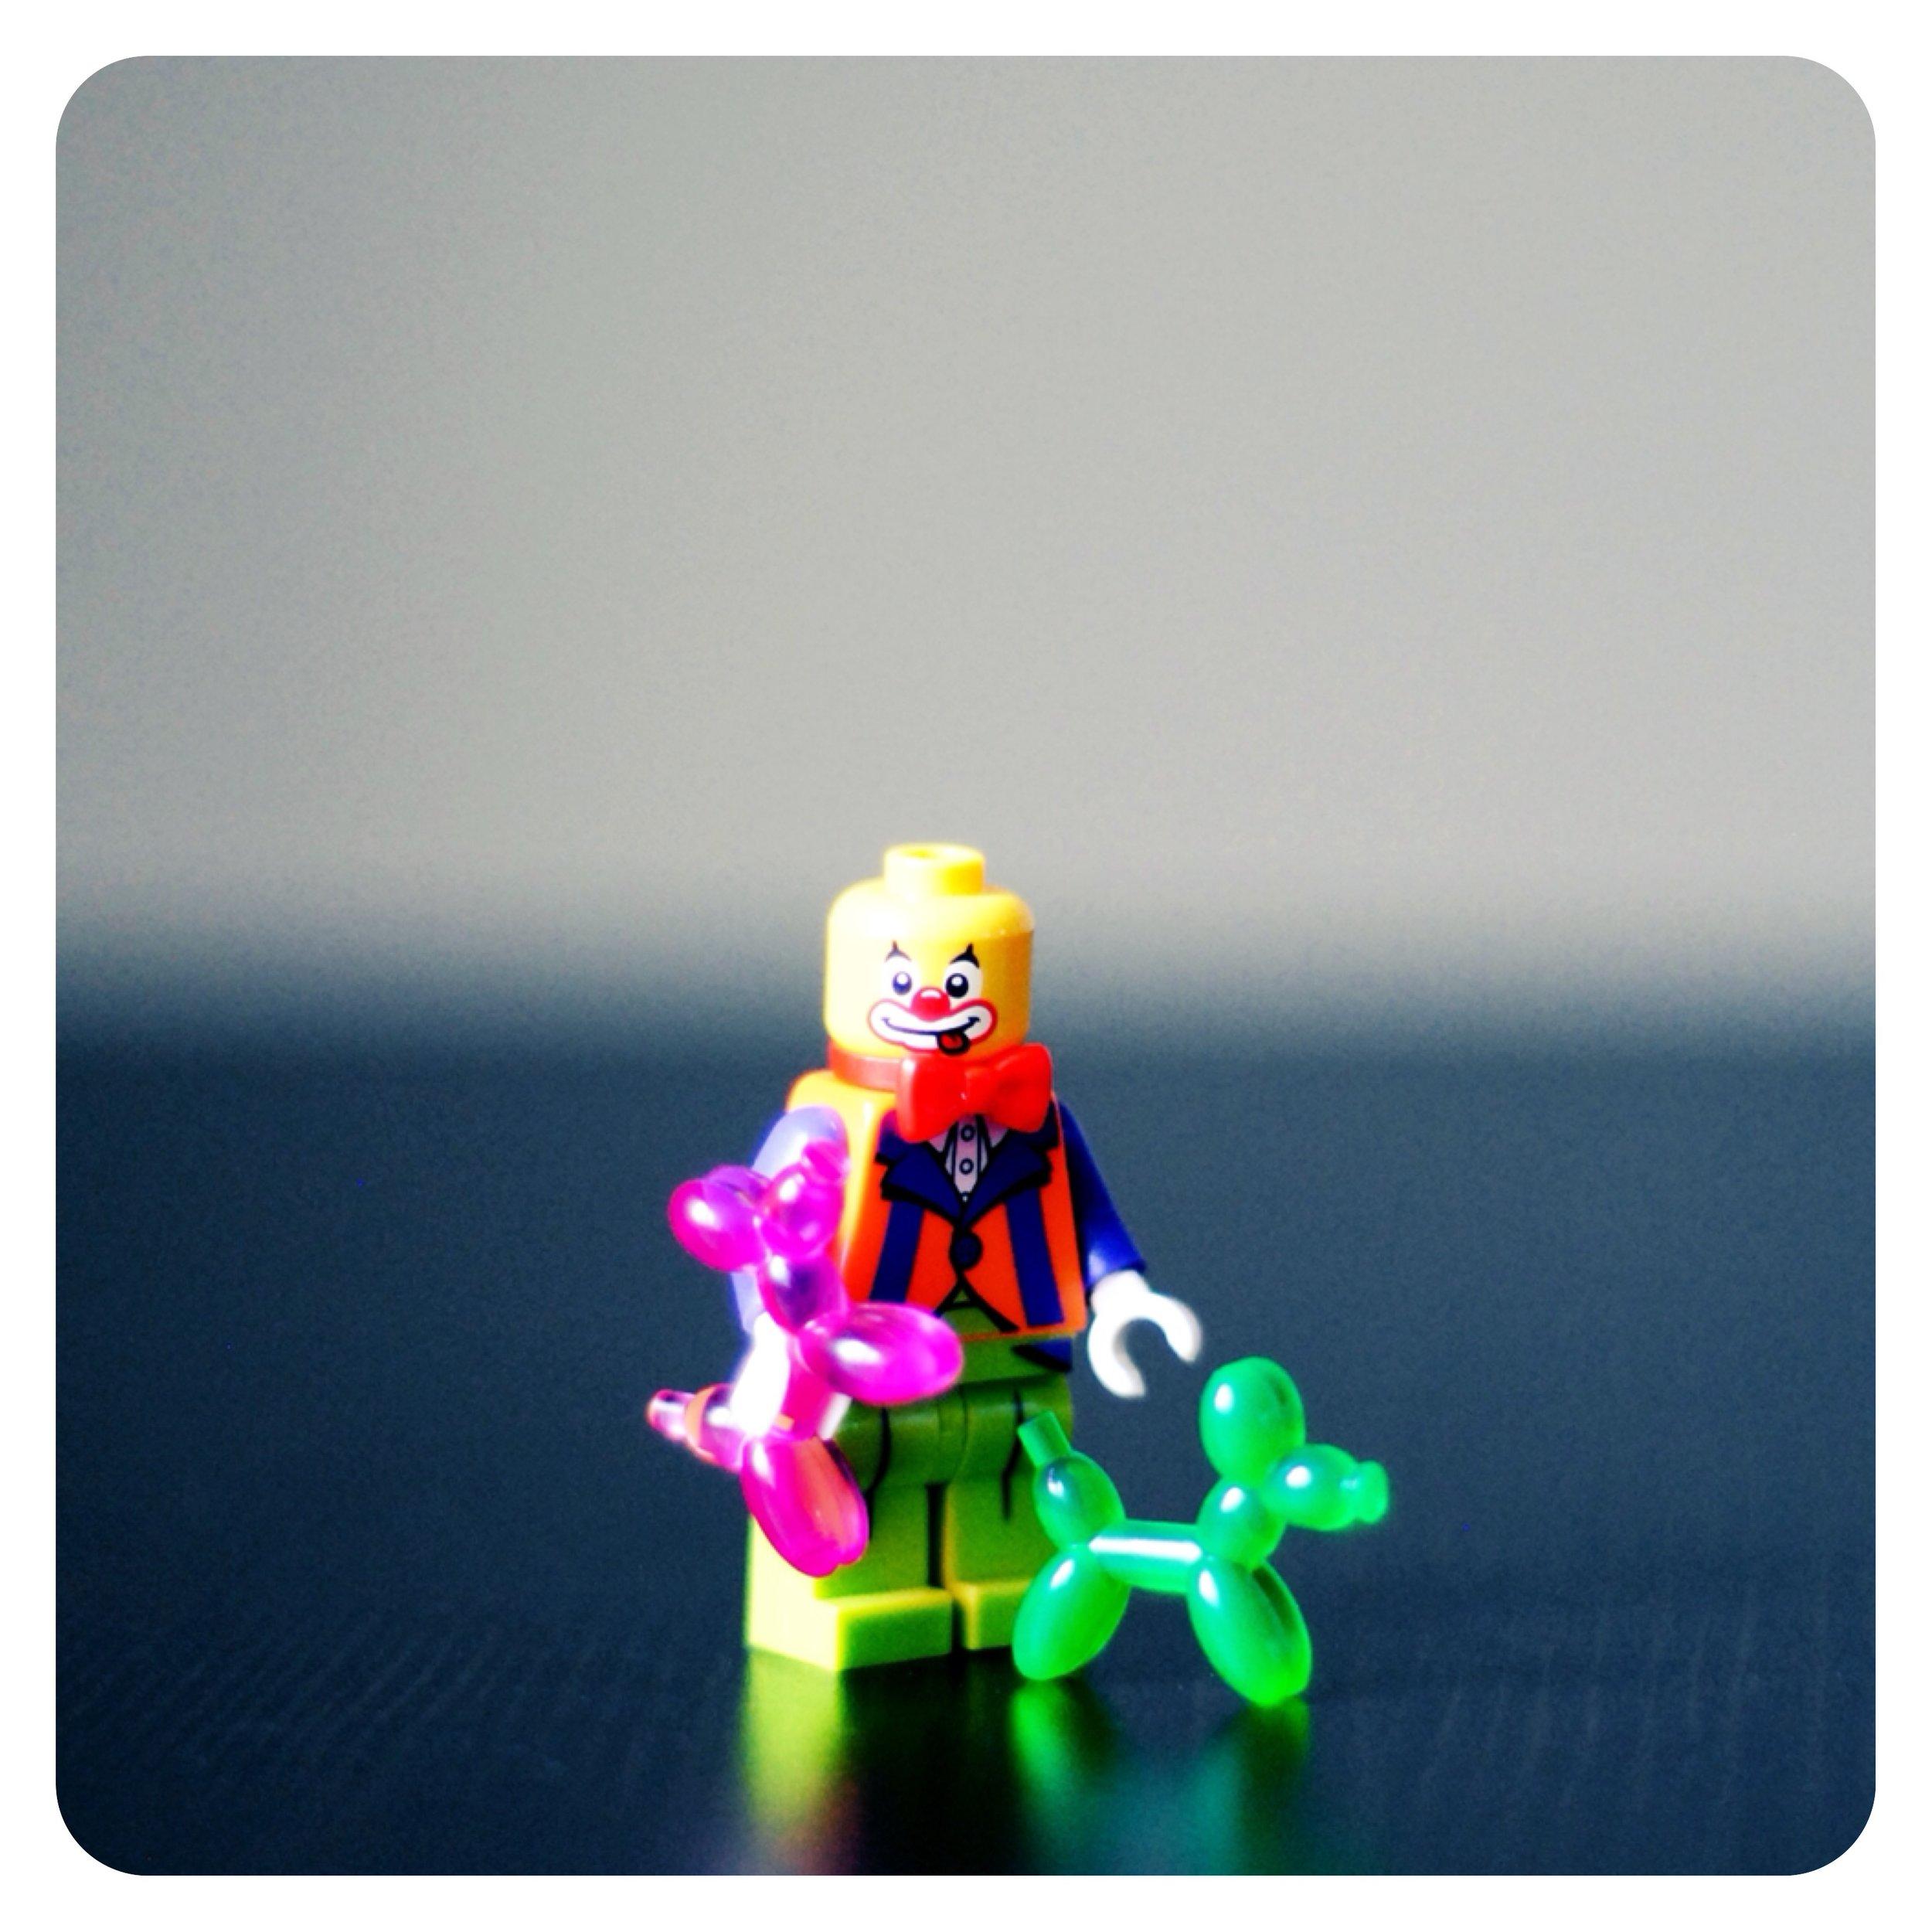 Lego dude.JPG